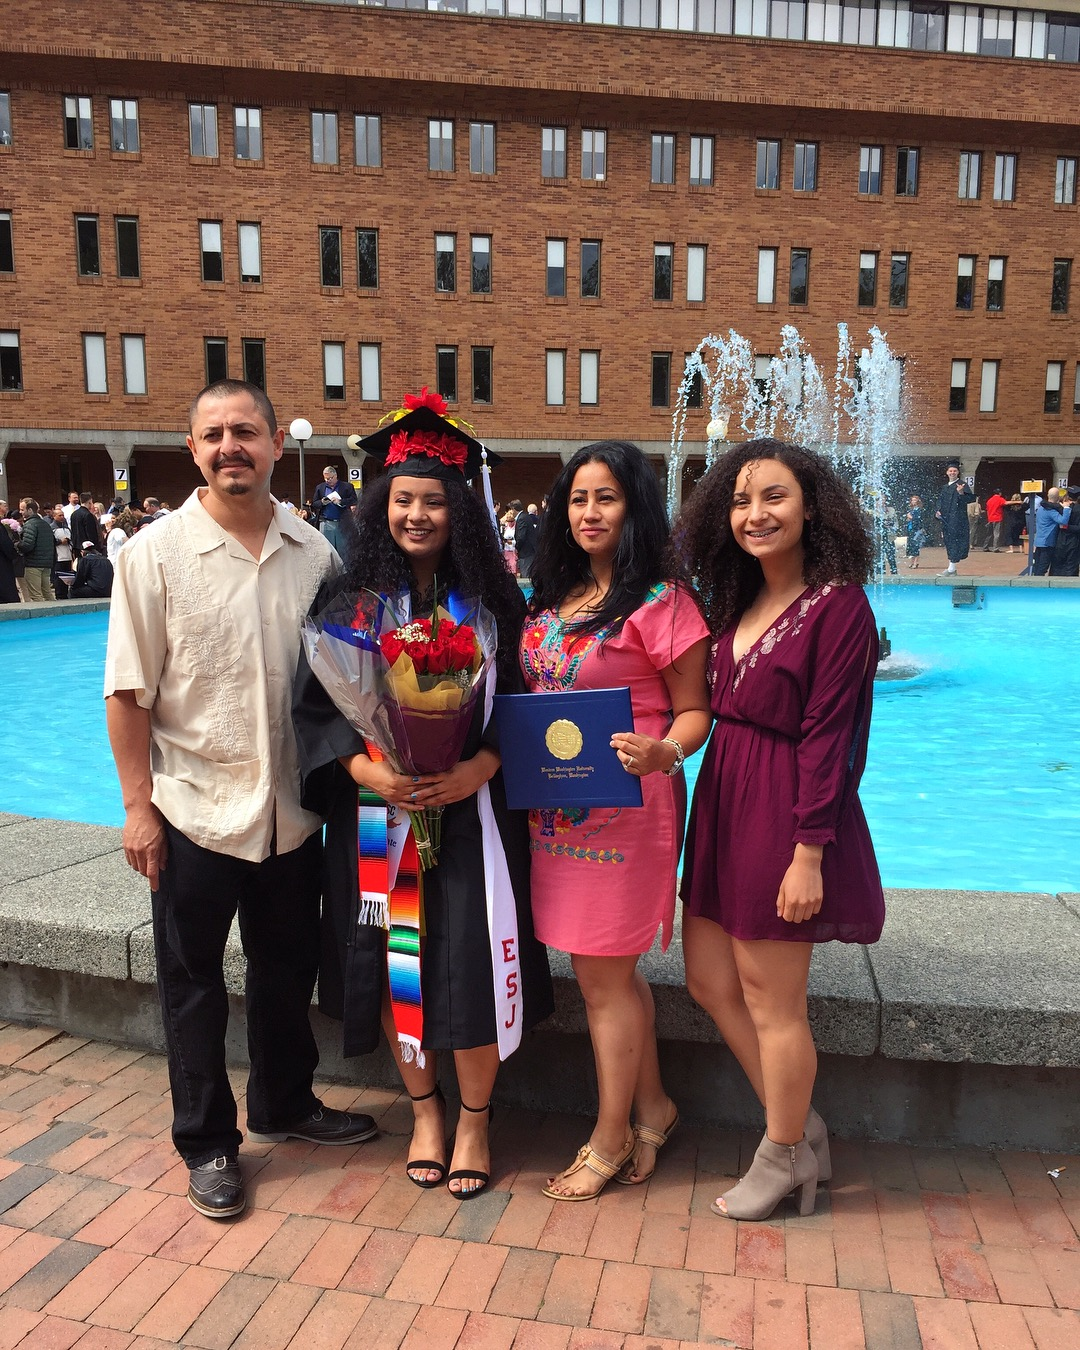 Rosa Sanchez, Western Washington University